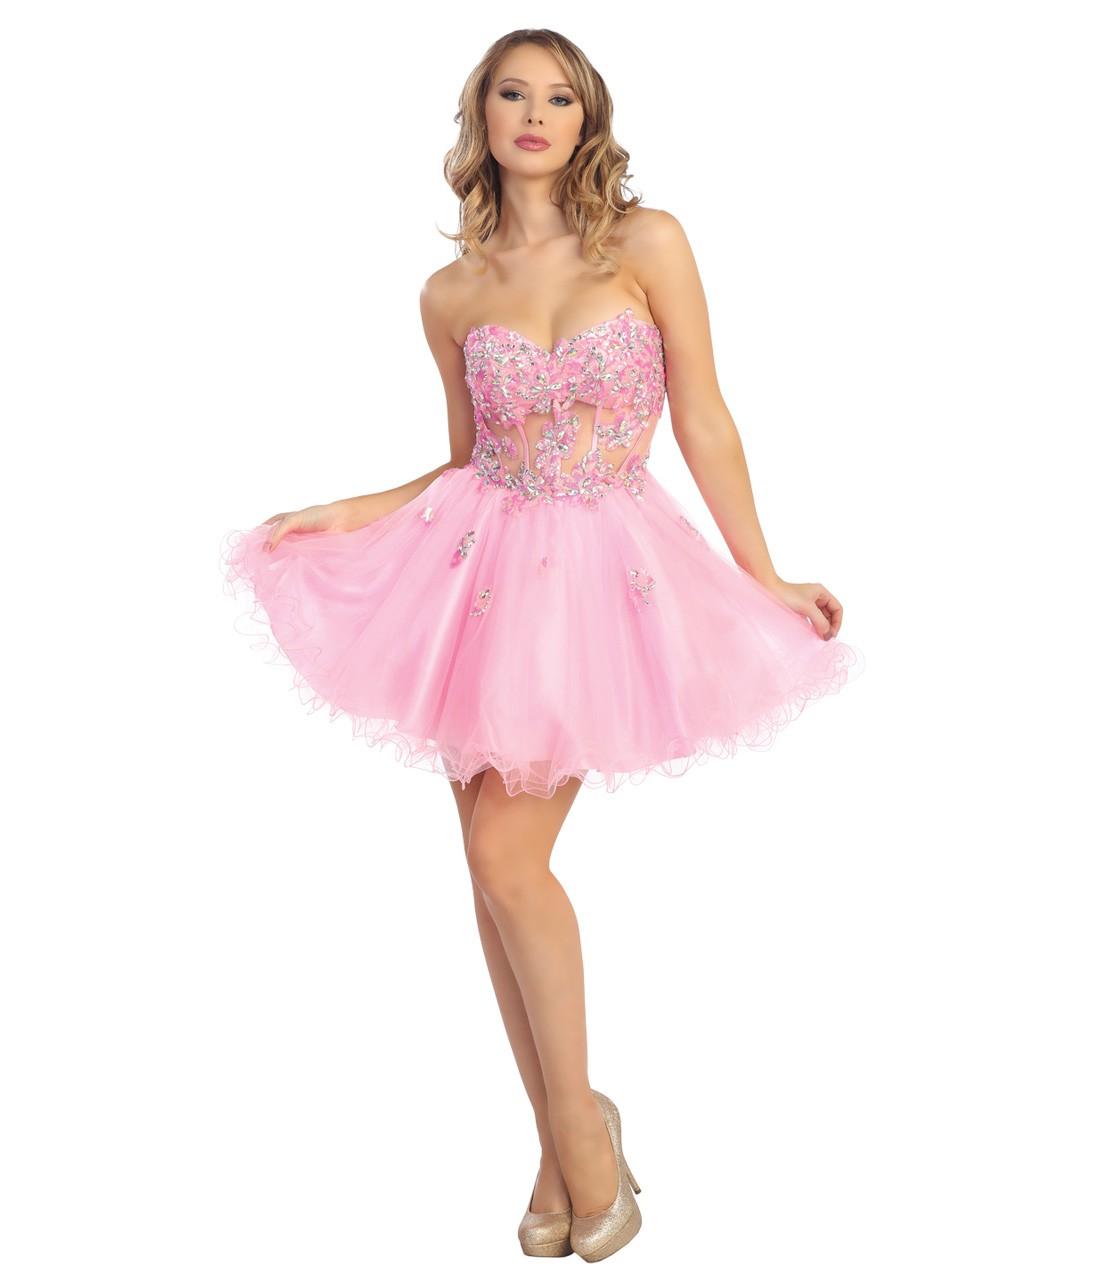 Tutu Dresses For Prom - Plus Size Prom Dresses